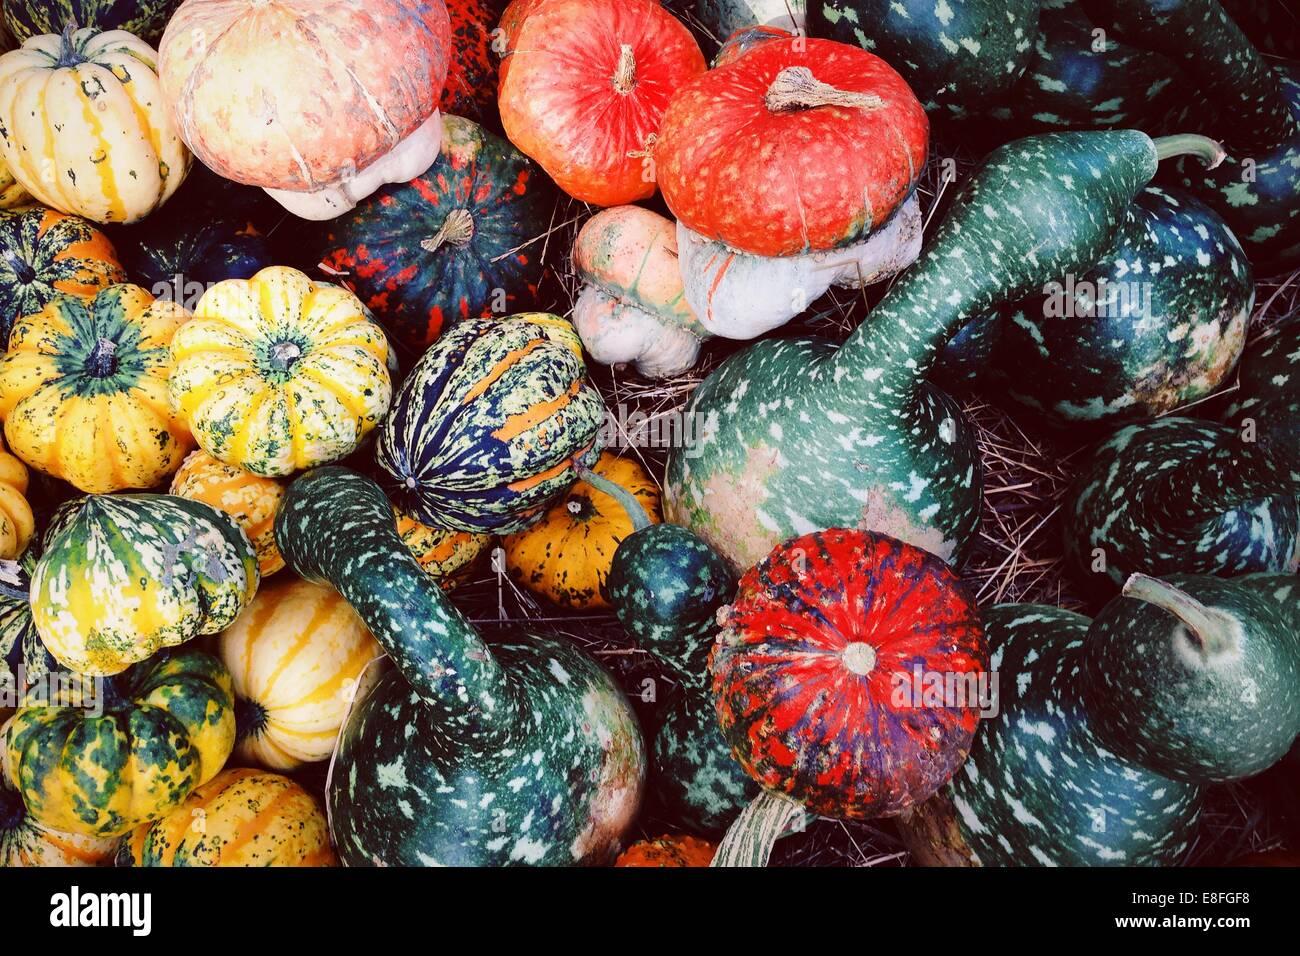 Close-up of pumpkins - Stock Image